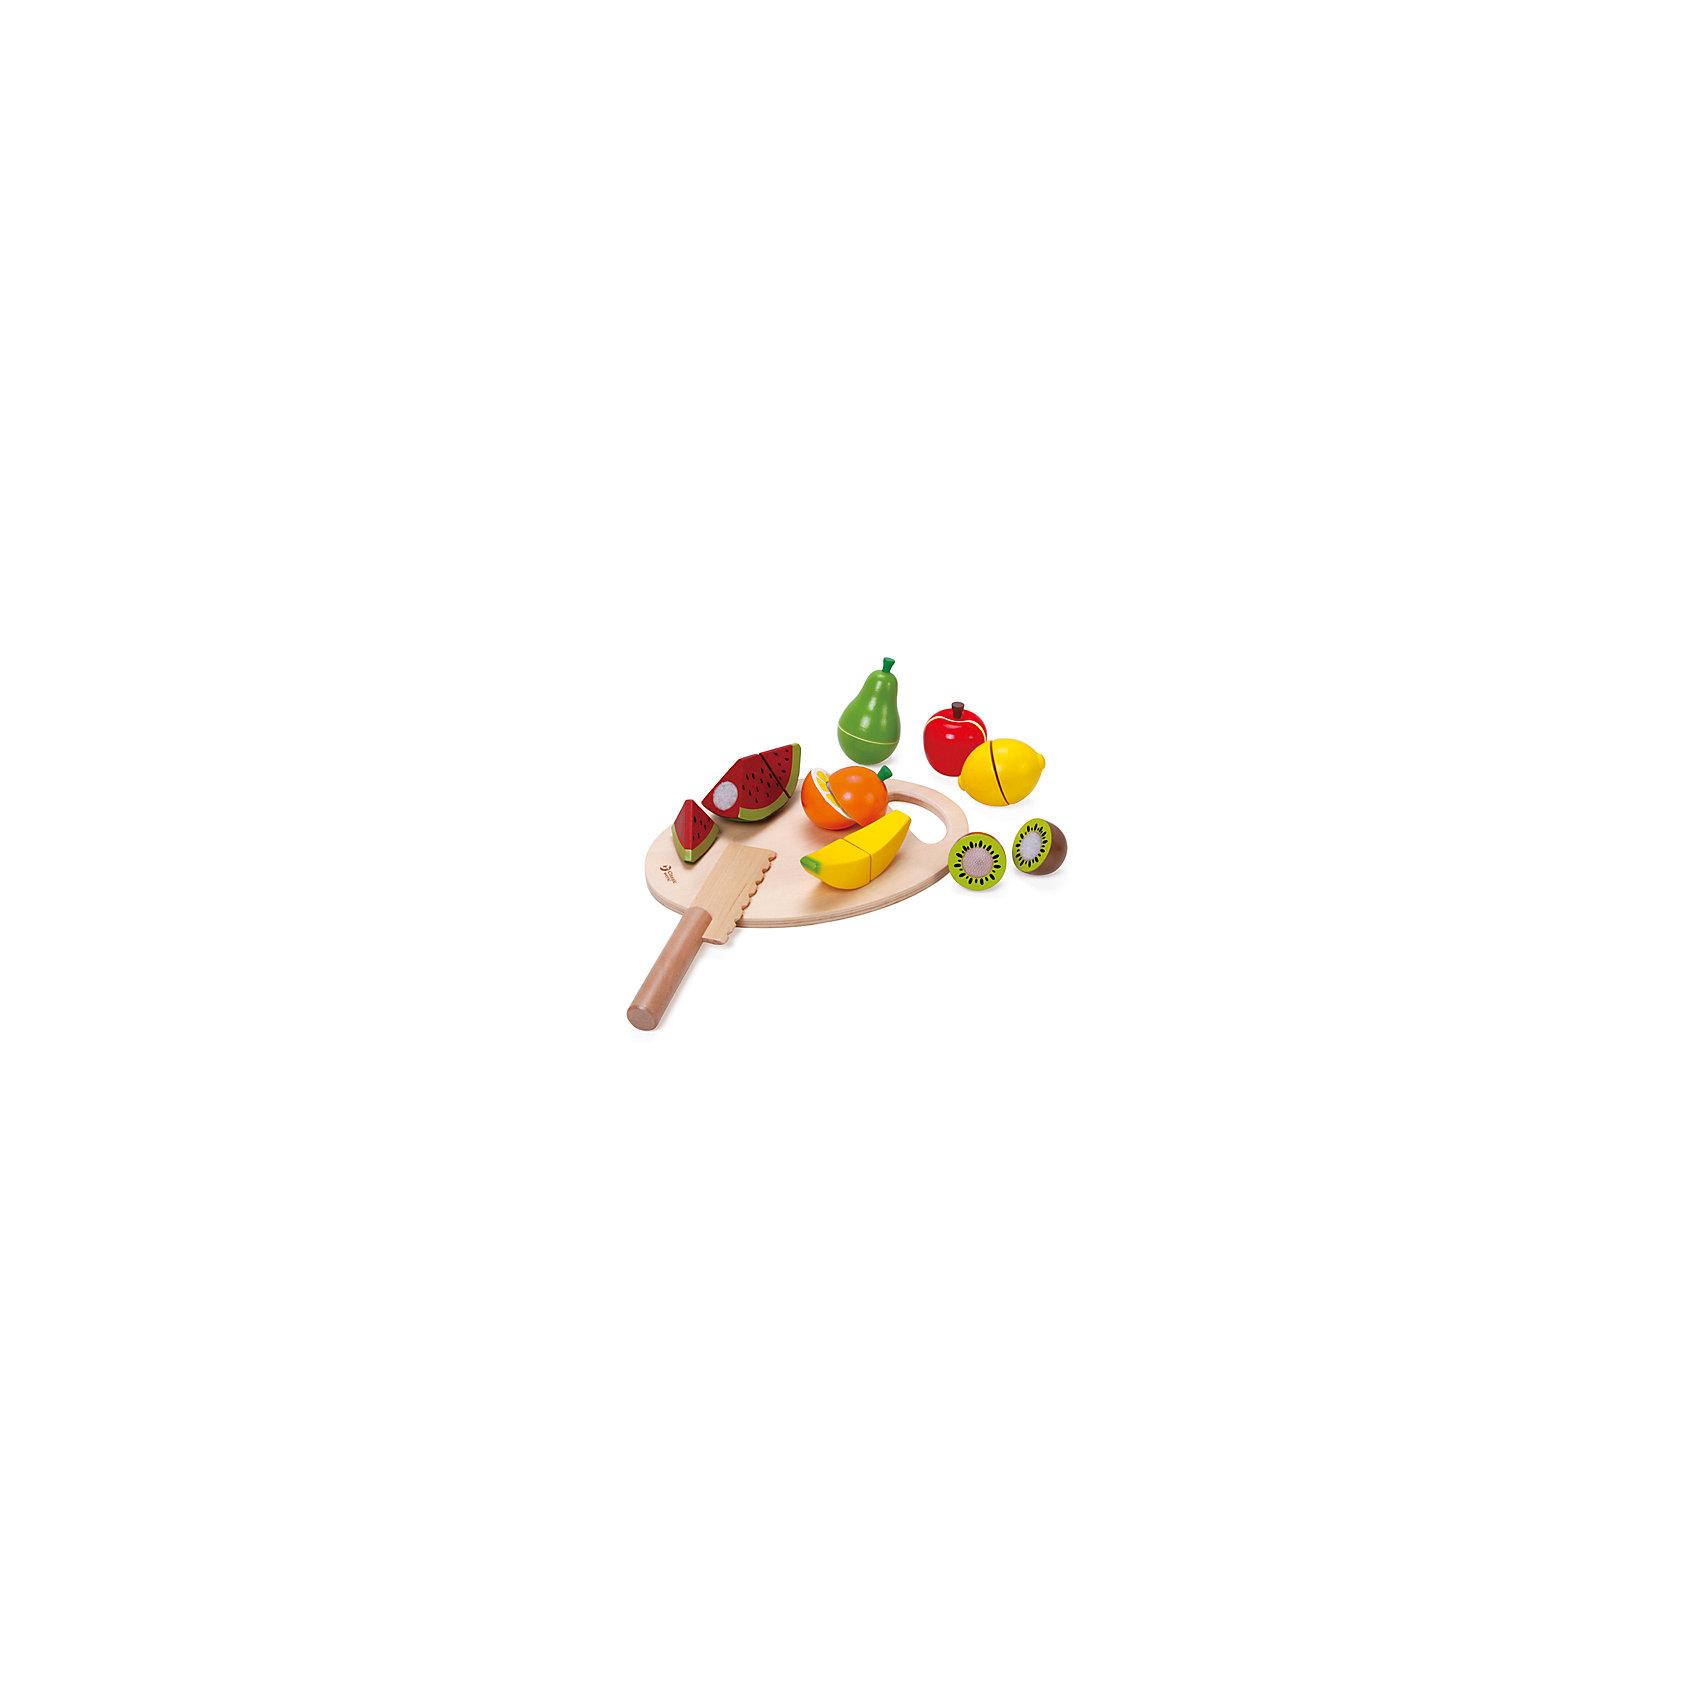 Набор Нарезаем фрукты» 9 предметов, Classic WorldИгрушечные продукты питания<br>Характеристики товара:<br><br>• возраст: от 3 лет;<br>• материал: дерево, пластик;<br>• в комплекте: ножик, доска, 7 фруктов;<br>• размер упаковки: 21,5х17х7 см;<br>• вес упаковки: 440 гр.;<br>• страна производитель: Китай.<br><br>Набор «Нарезаем фрукты» Classic World познакомит детей с внутренним устройством фруктов, научить правильно управляться с ножиком и разделочной доской.  С набором ребенок сможет придумать увлекательные игры. Предметы изготовлены из качественного натурального дерева.<br><br>Набор «Нарезаем фрукты» Classic World можно приобрести в нашем интернет-магазине.<br><br>Ширина мм: 220<br>Глубина мм: 72<br>Высота мм: 160<br>Вес г: 400<br>Возраст от месяцев: 24<br>Возраст до месяцев: 2147483647<br>Пол: Унисекс<br>Возраст: Детский<br>SKU: 6844318